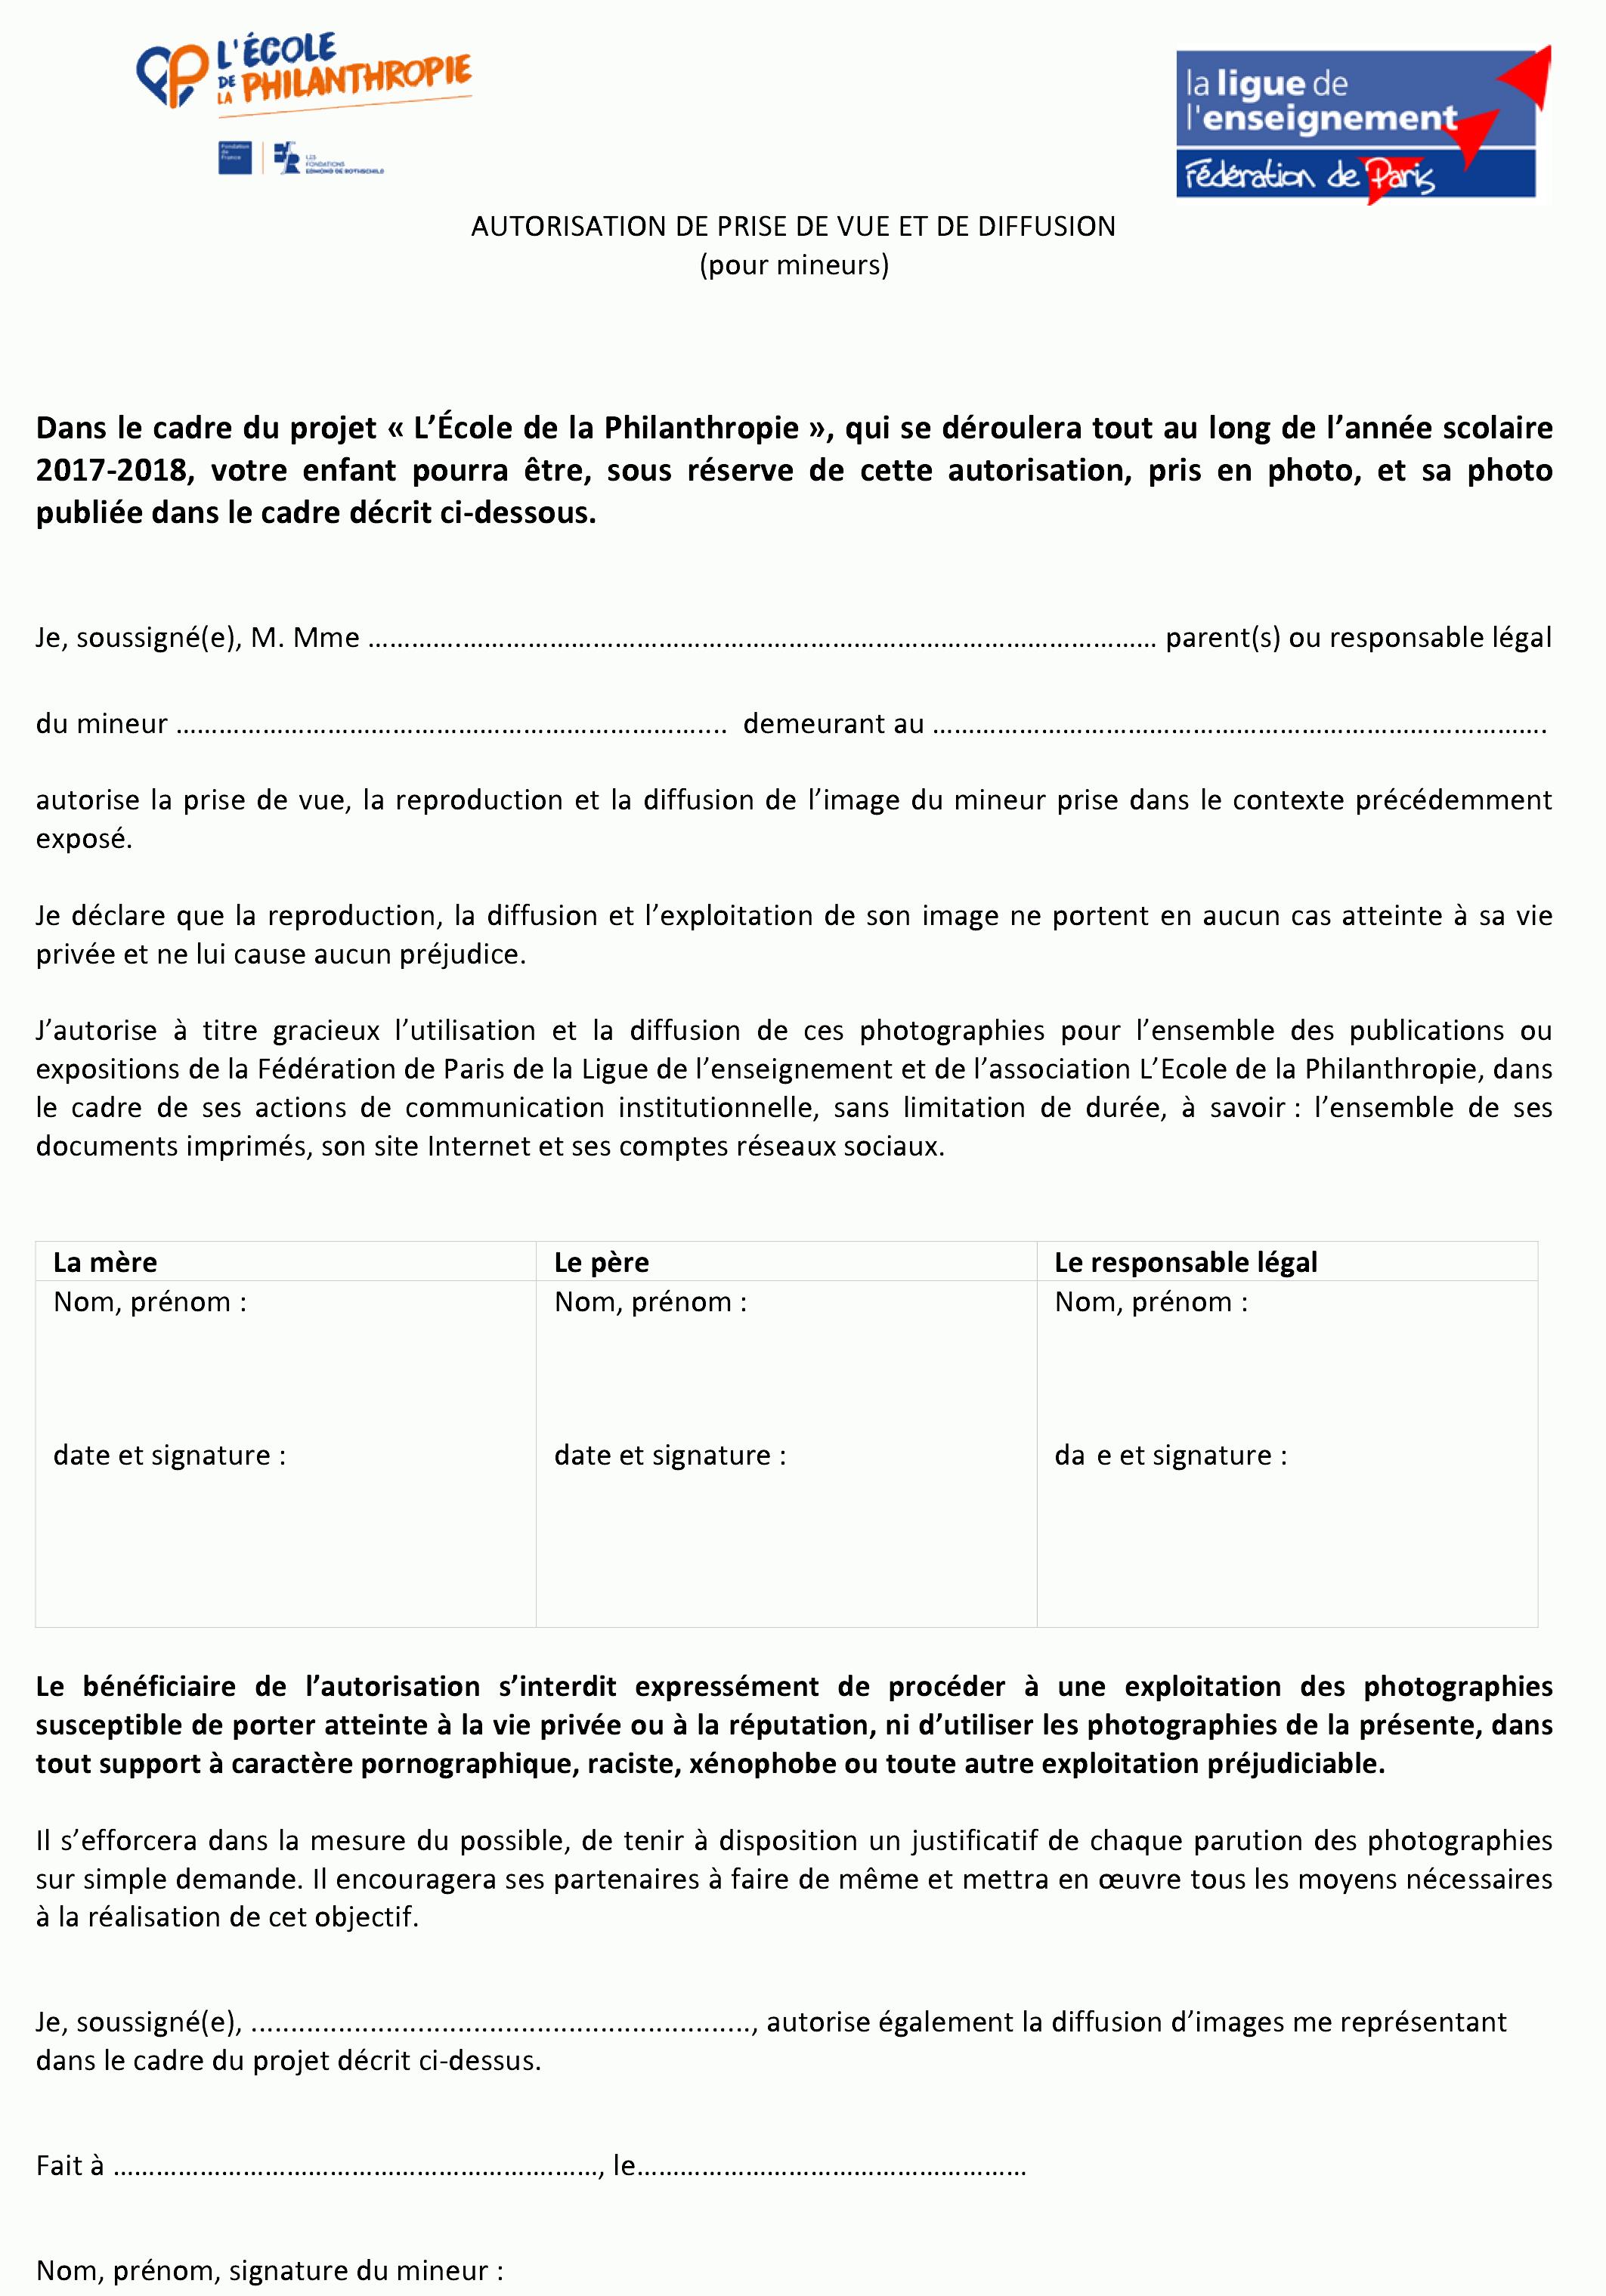 Formulaire-autorisation-droit-image-mineurs 2017-2018 (2)